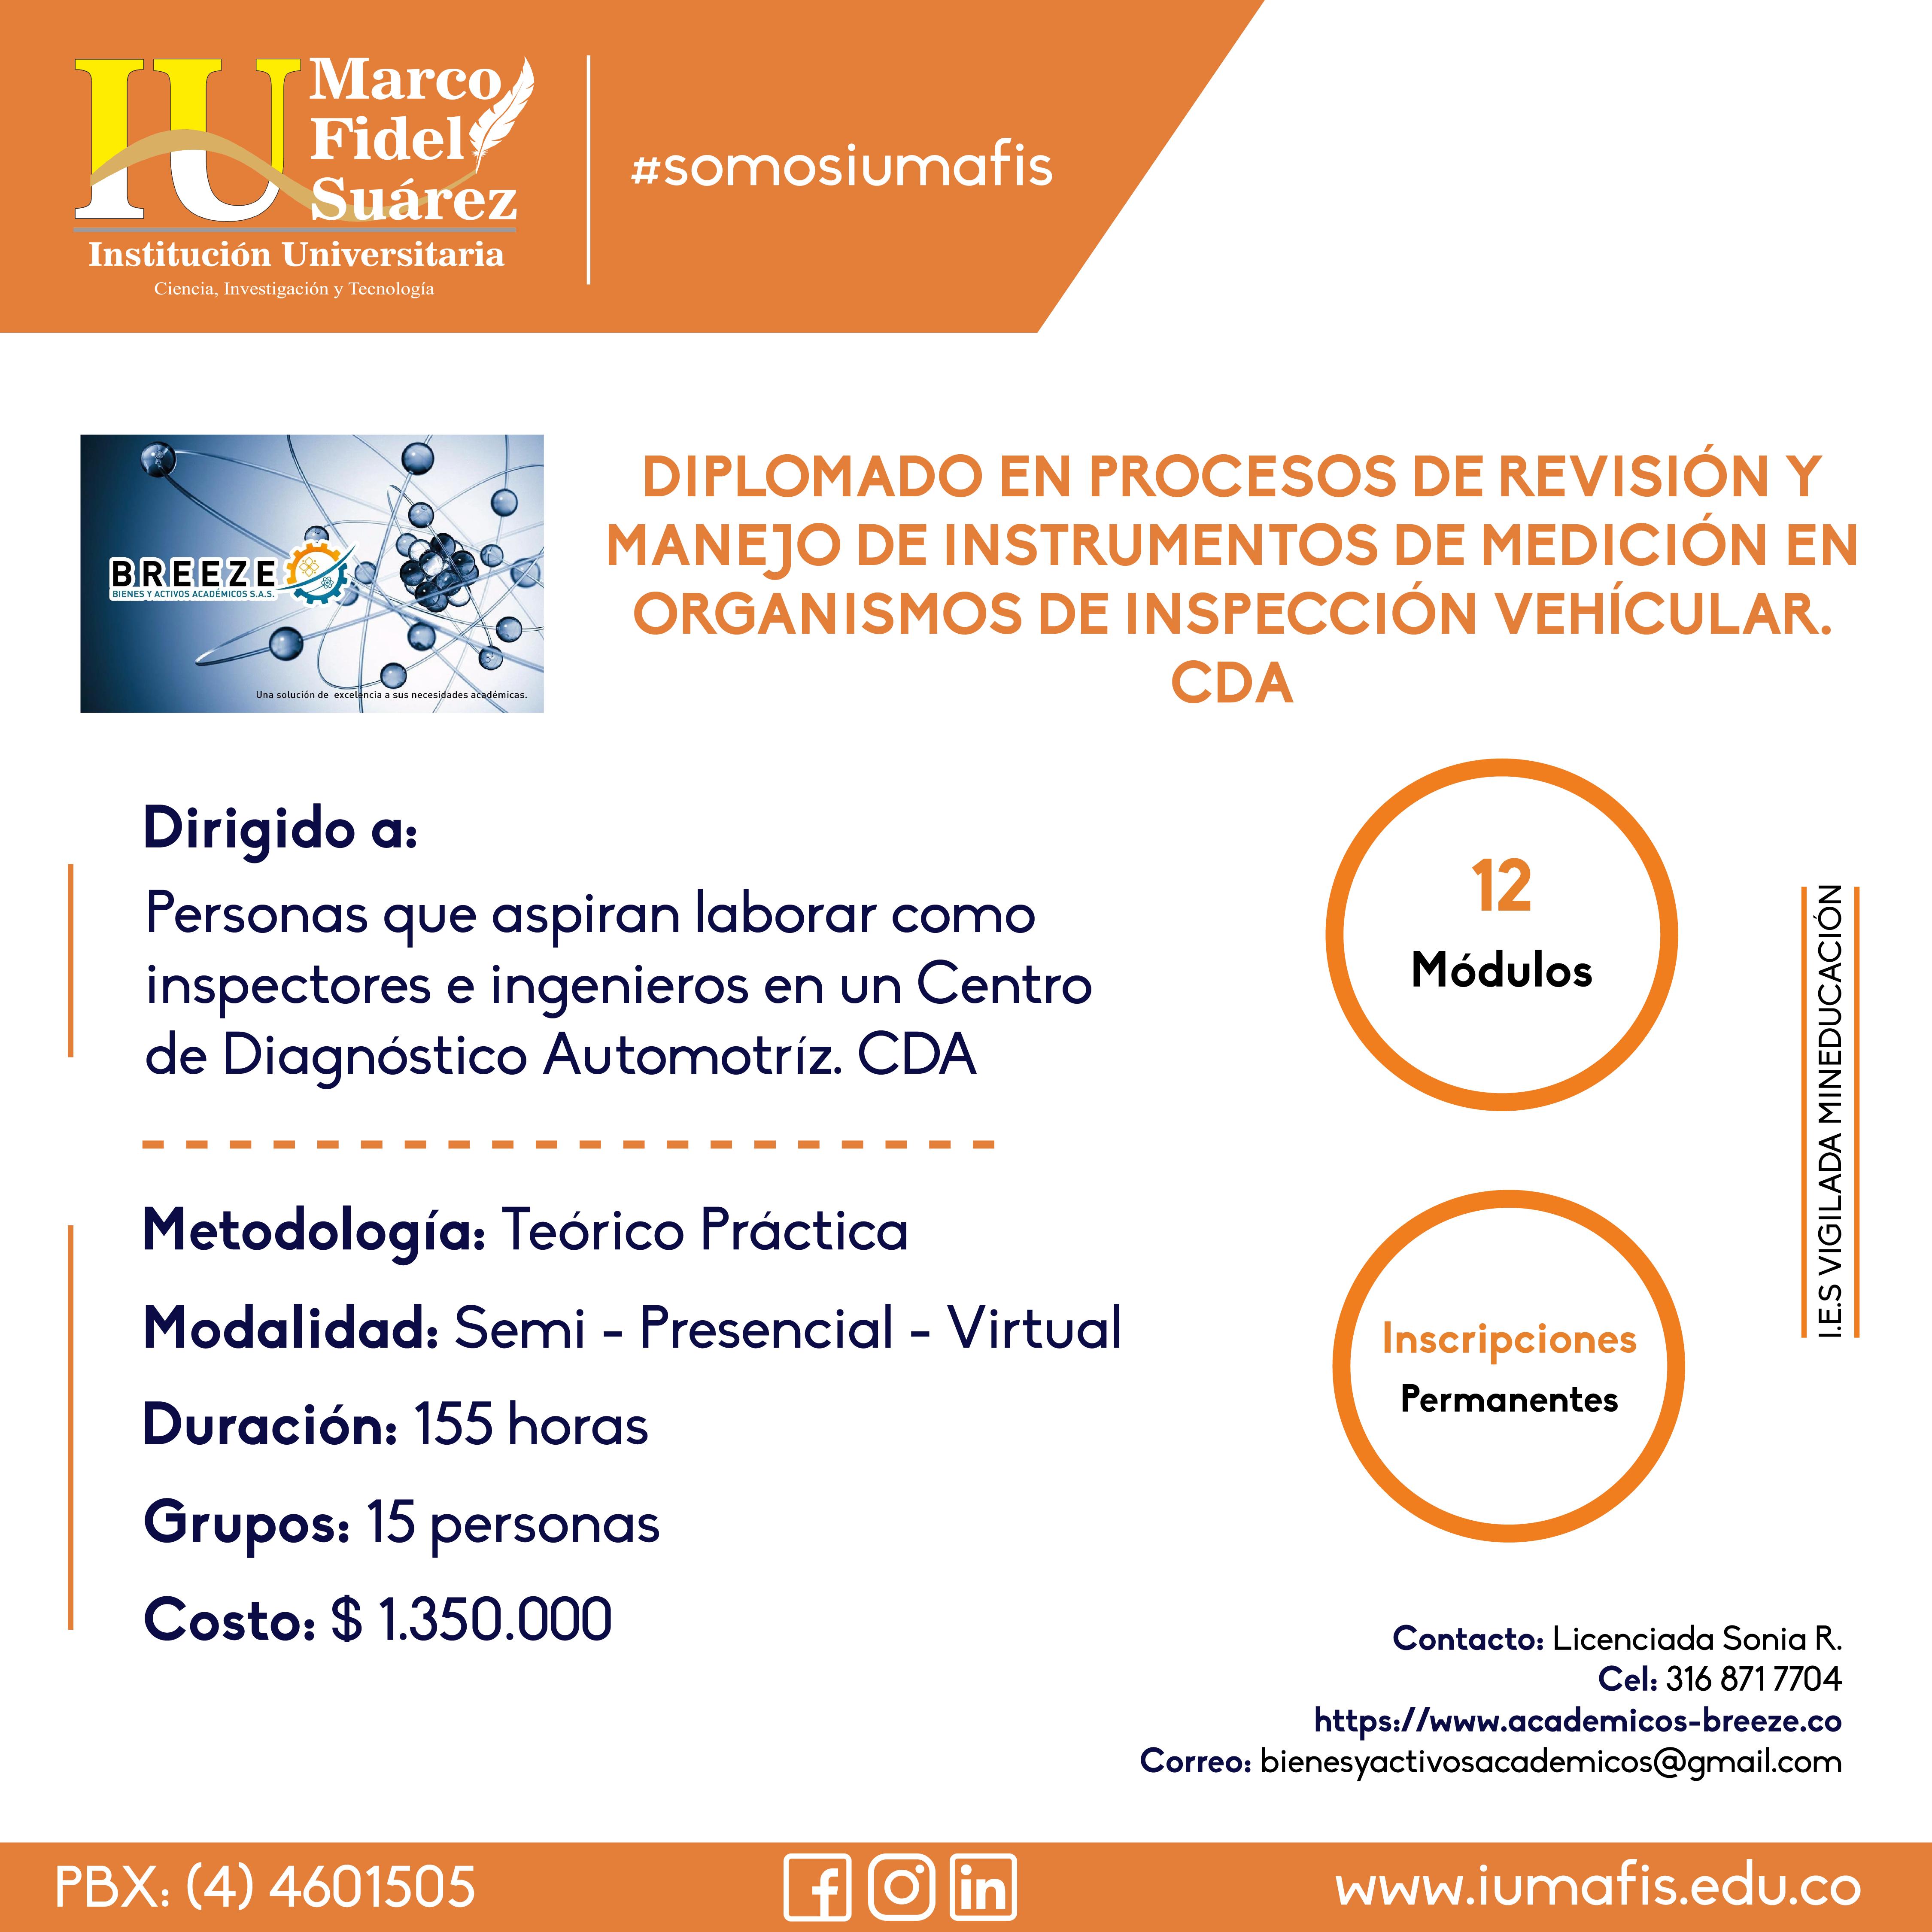 Diplomado en procesos de revisión y manejo de instrumentos de medición en organismos de inspección vehicular